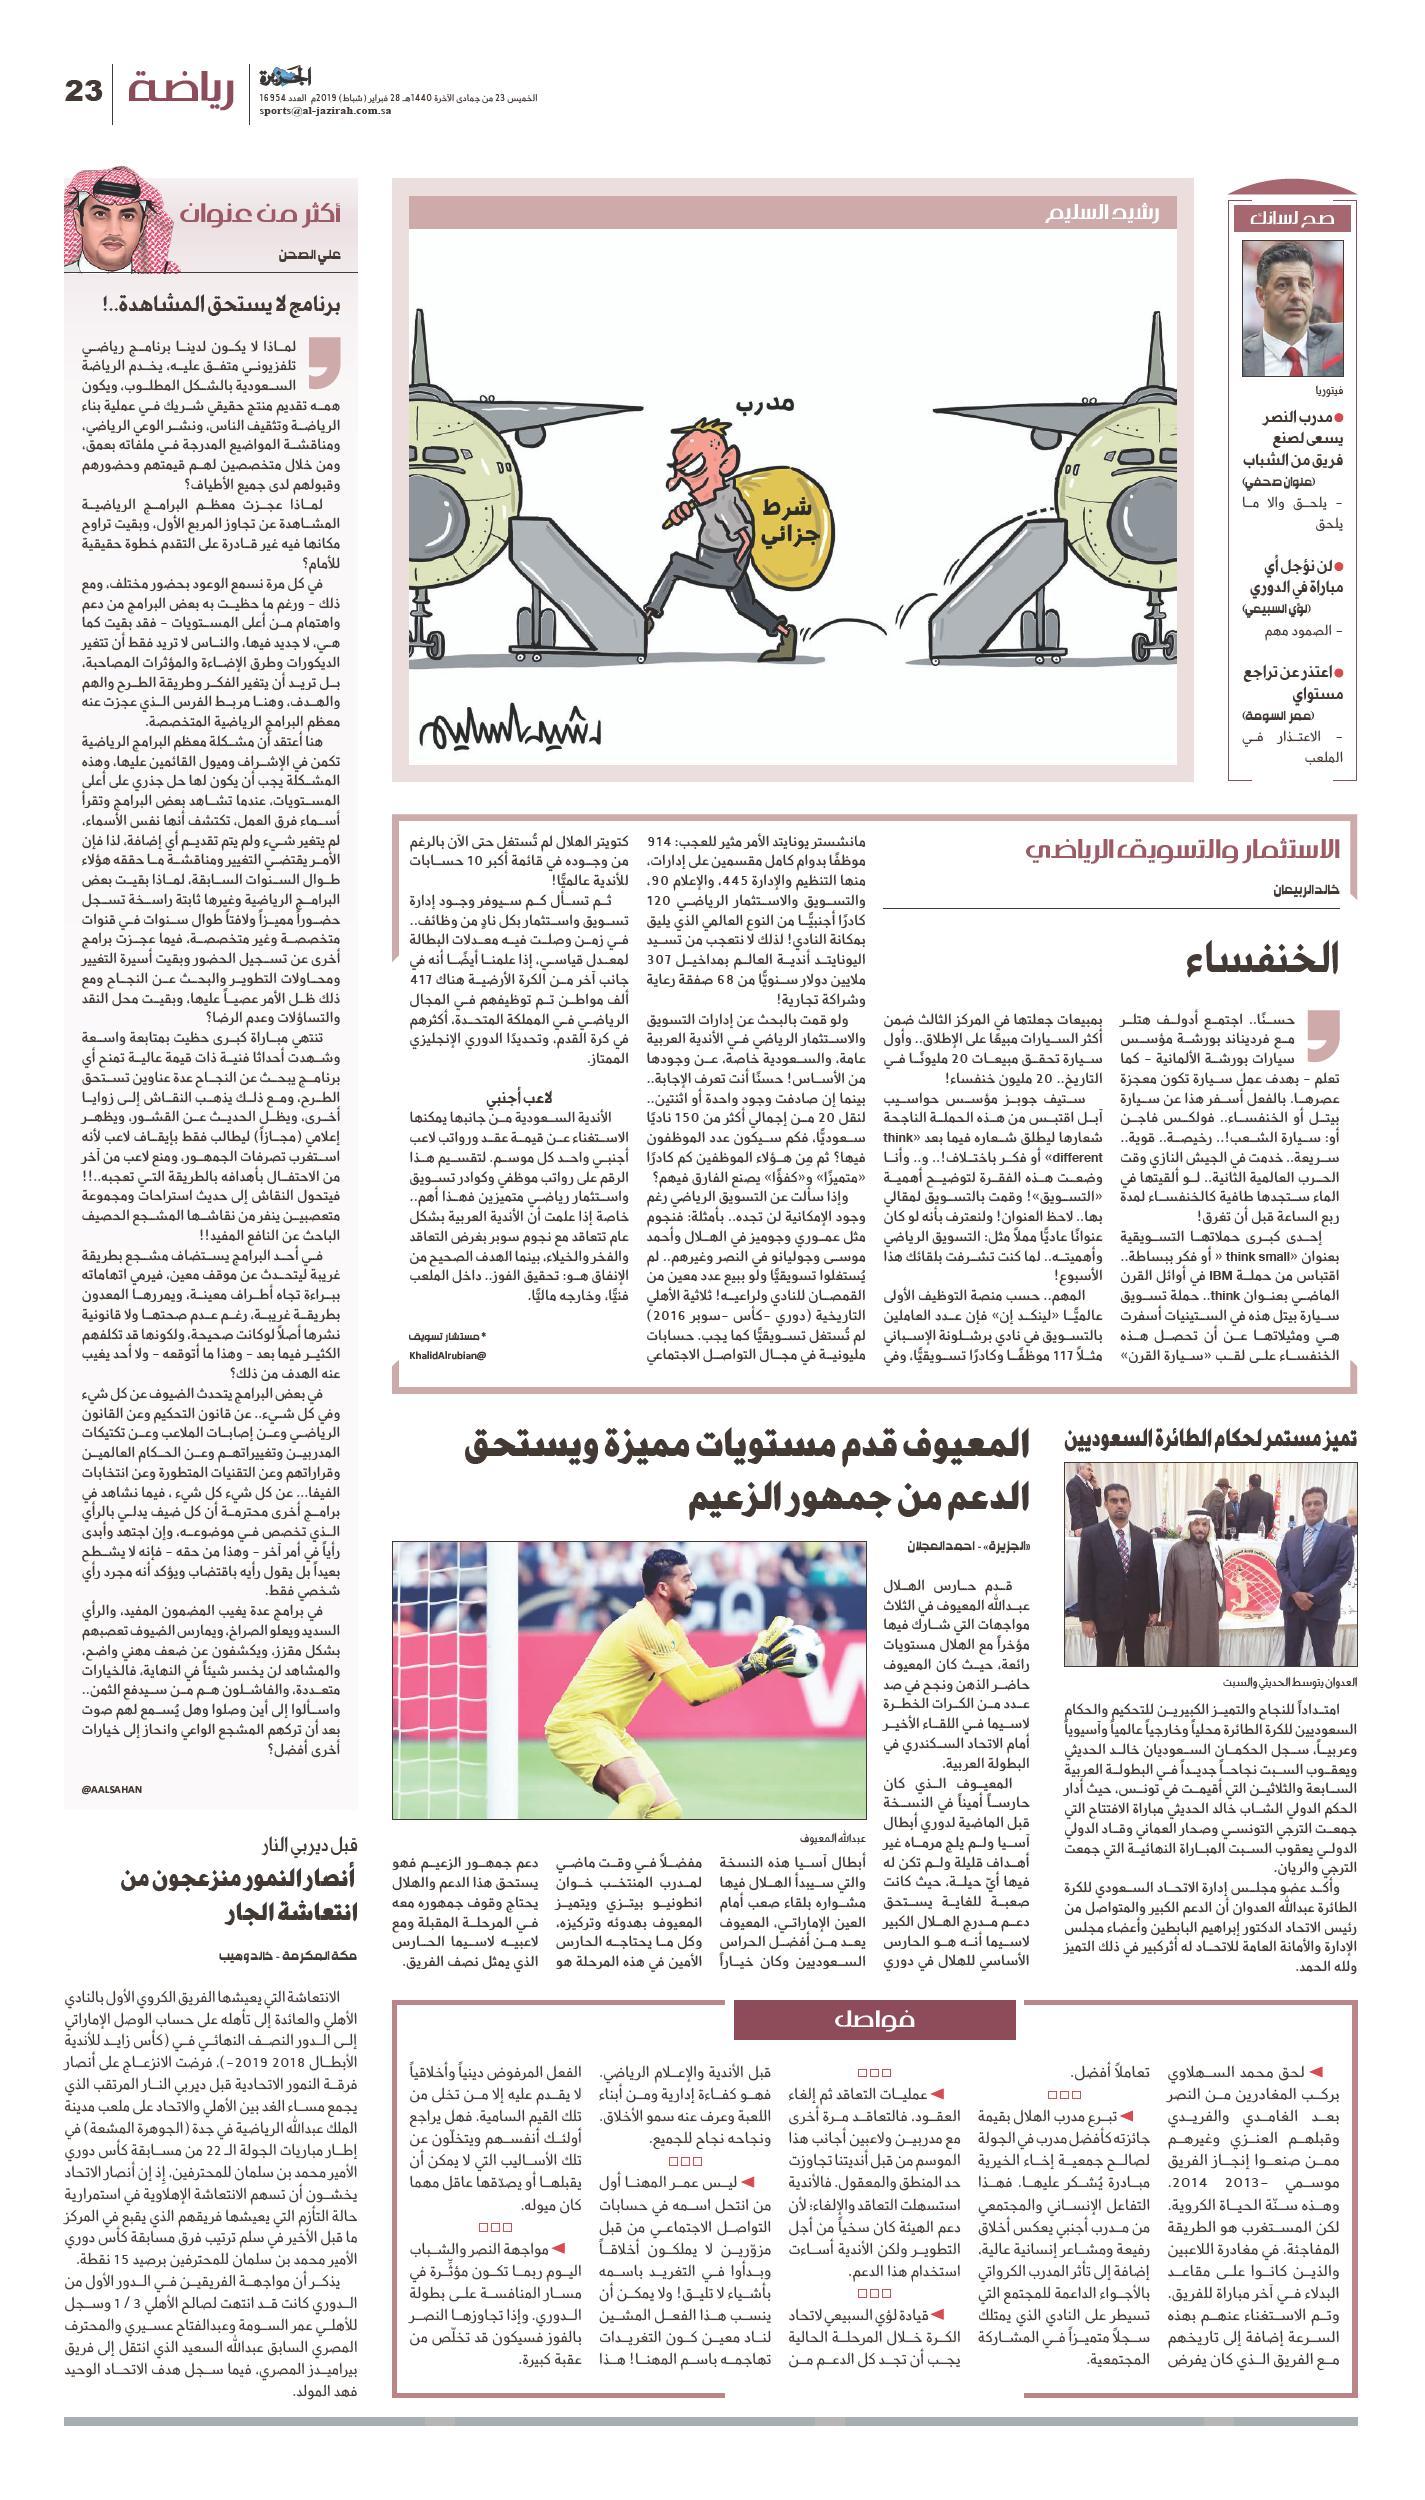 أخبار الاتحاد في الصحف لهذا اليوم الخميس الموافق -23جمادي الآخرة -1440هـ